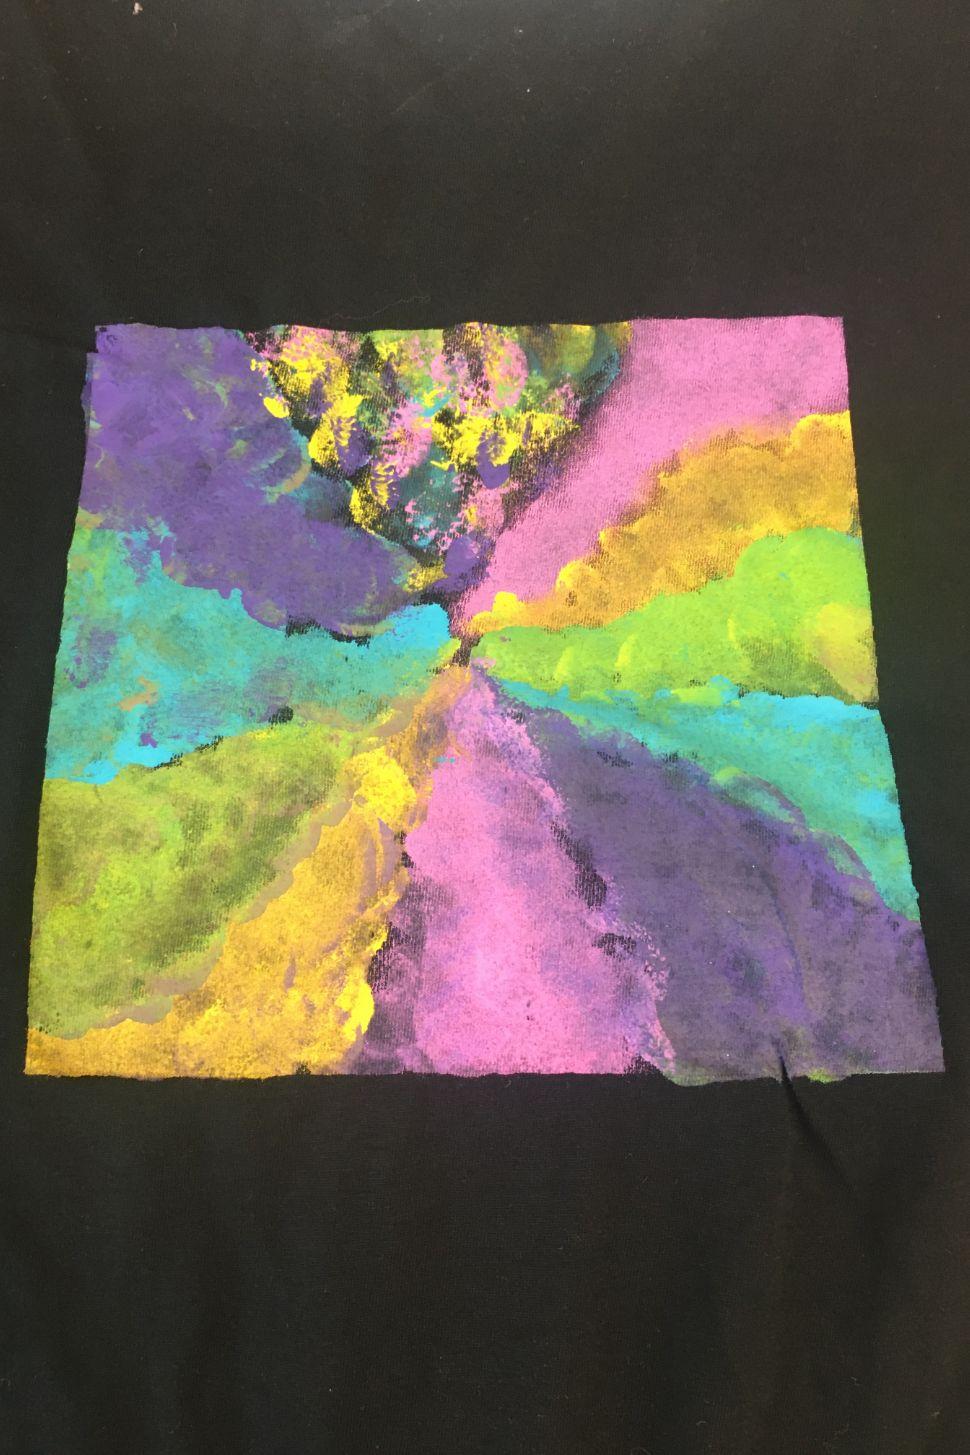 malujeme nejen na tričko online workshop malování na textil webinář 5 výtvarných technik a 10 tipů jak malovat nejen na triko s lektorkou arteterapie radkou rubešovou